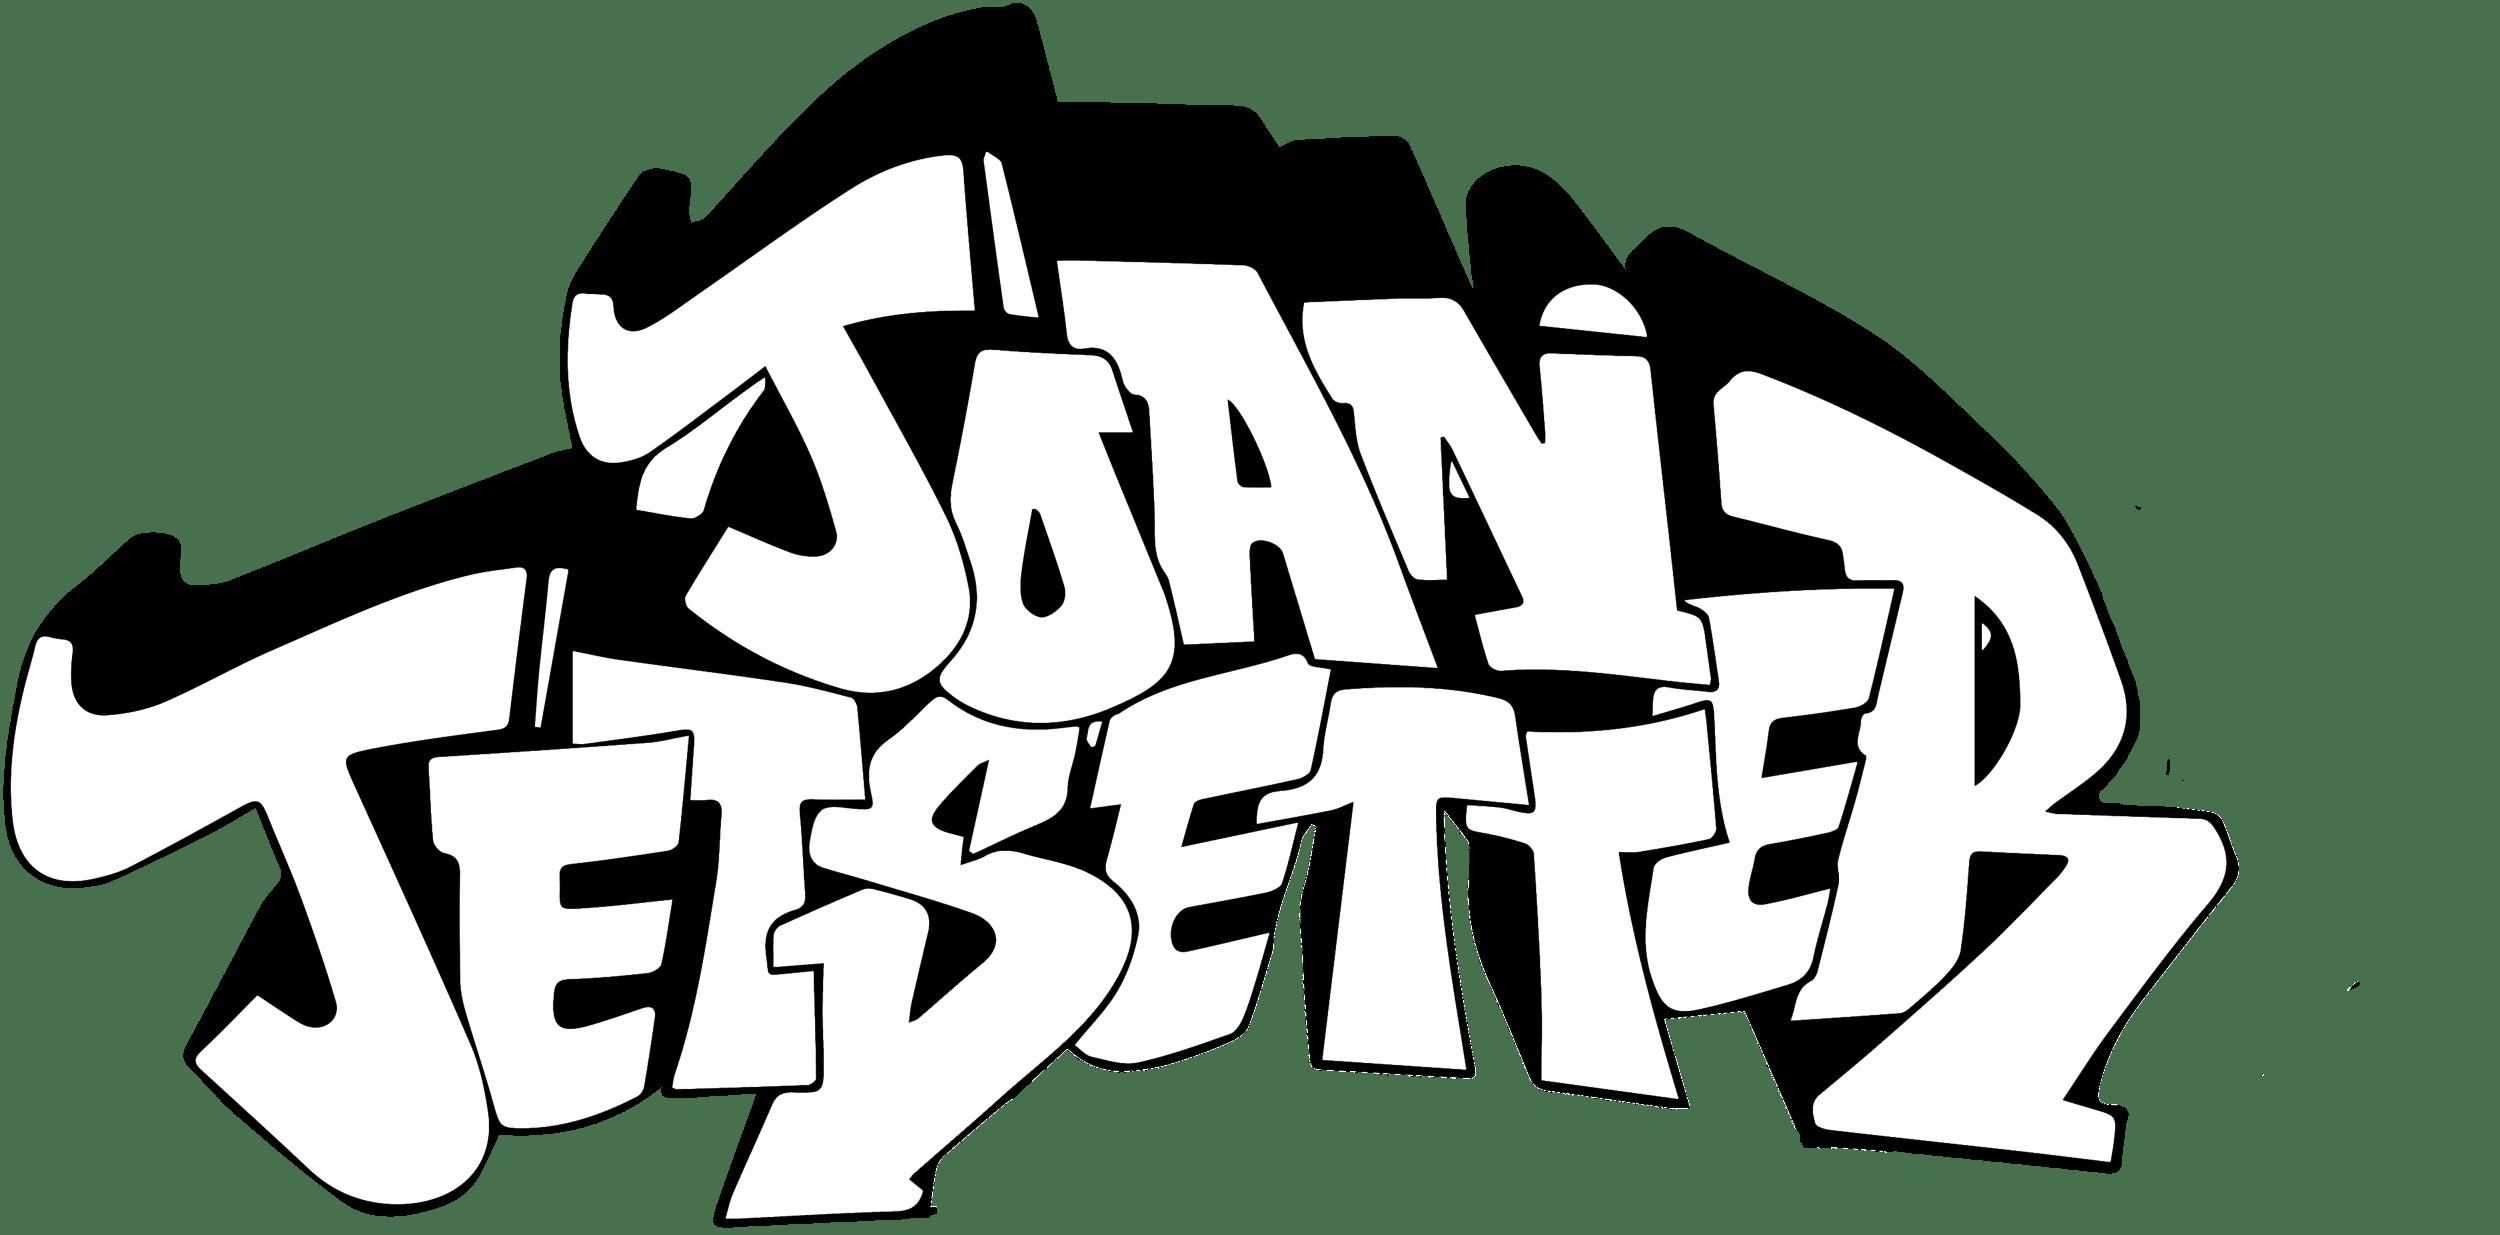 joan jetsetter [ 1500 x 741 Pixel ]